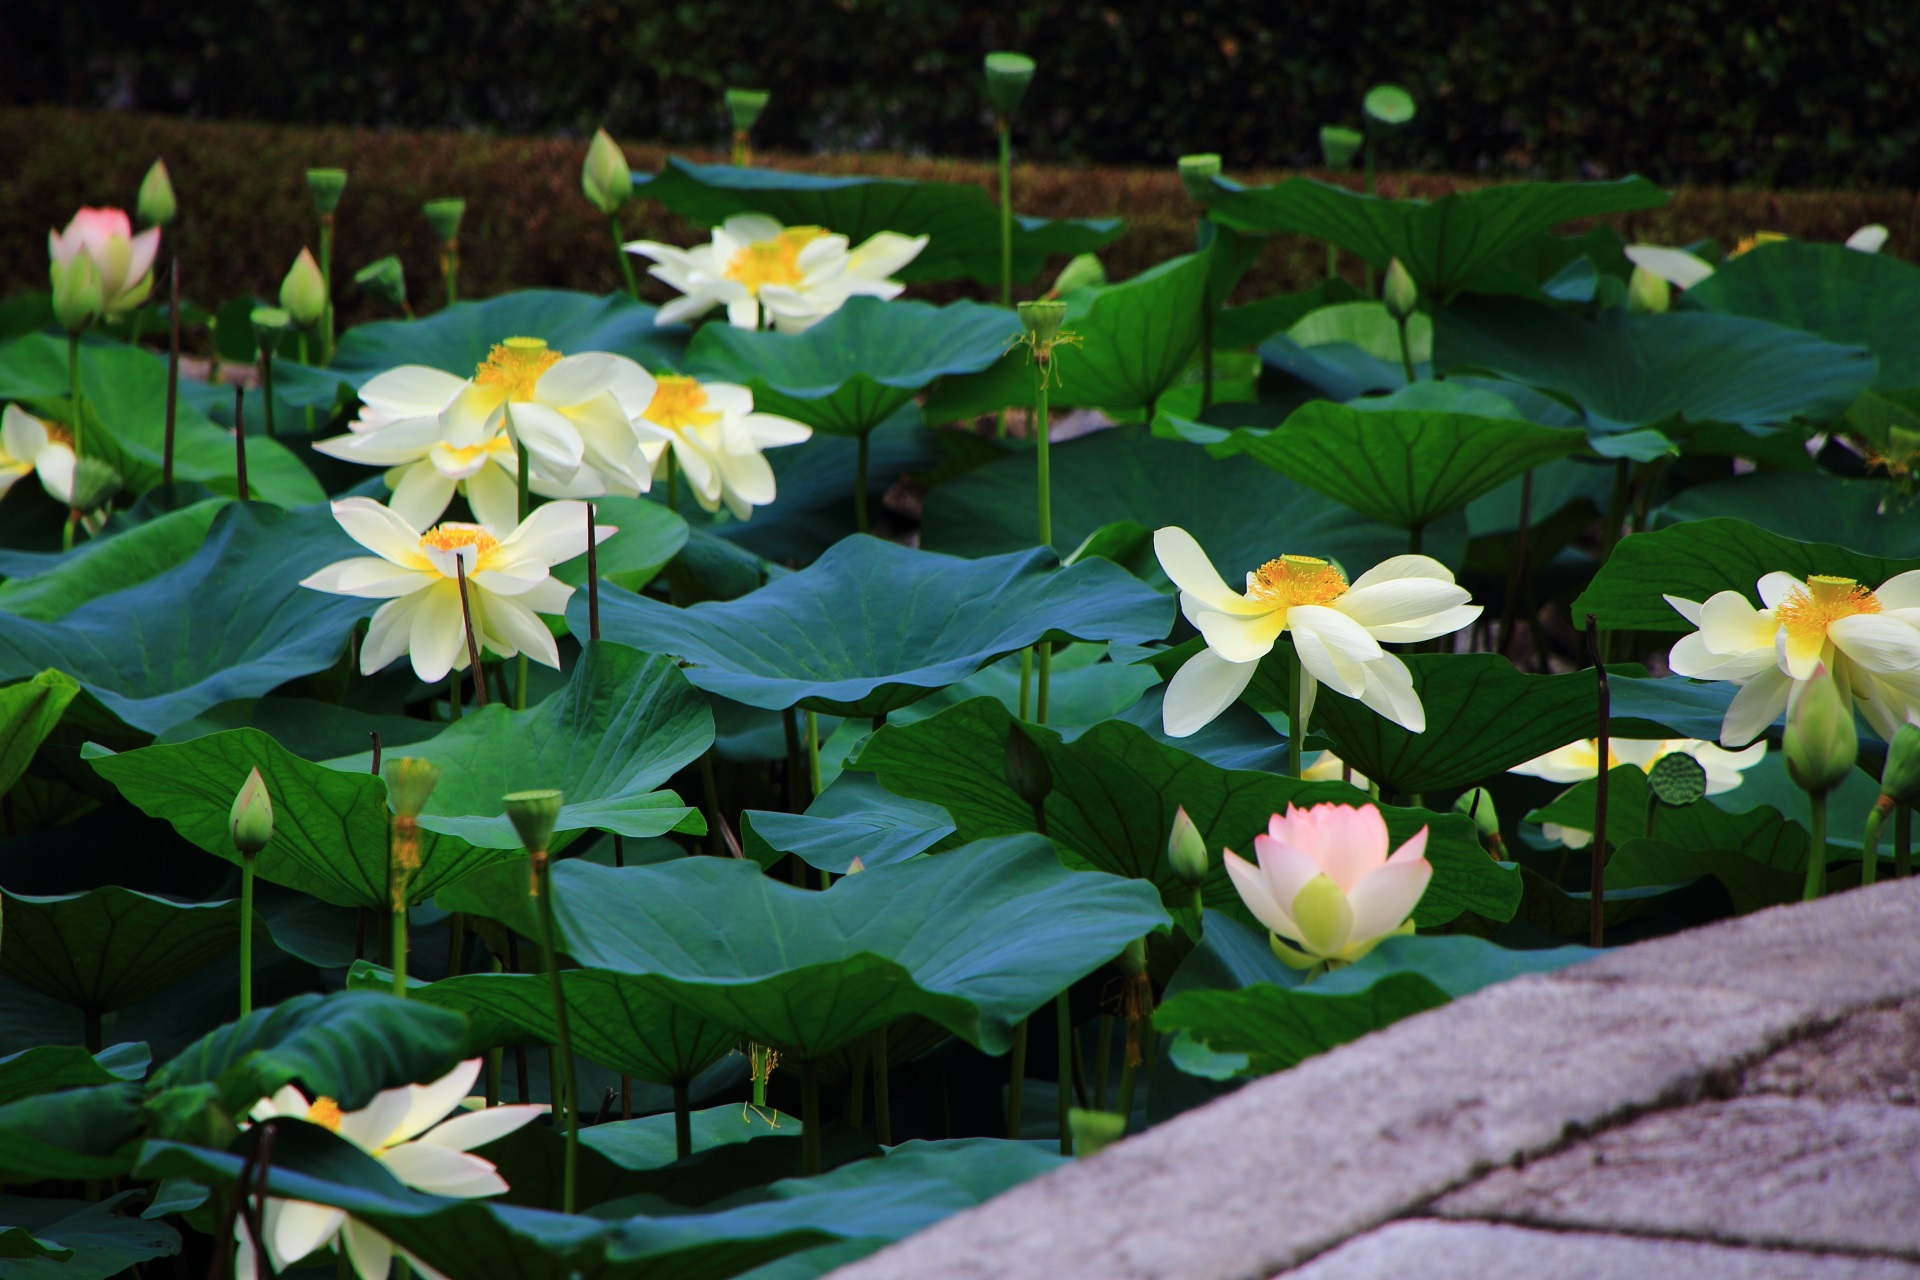 蓮の知名度は高くないハスの穴場の東福寺